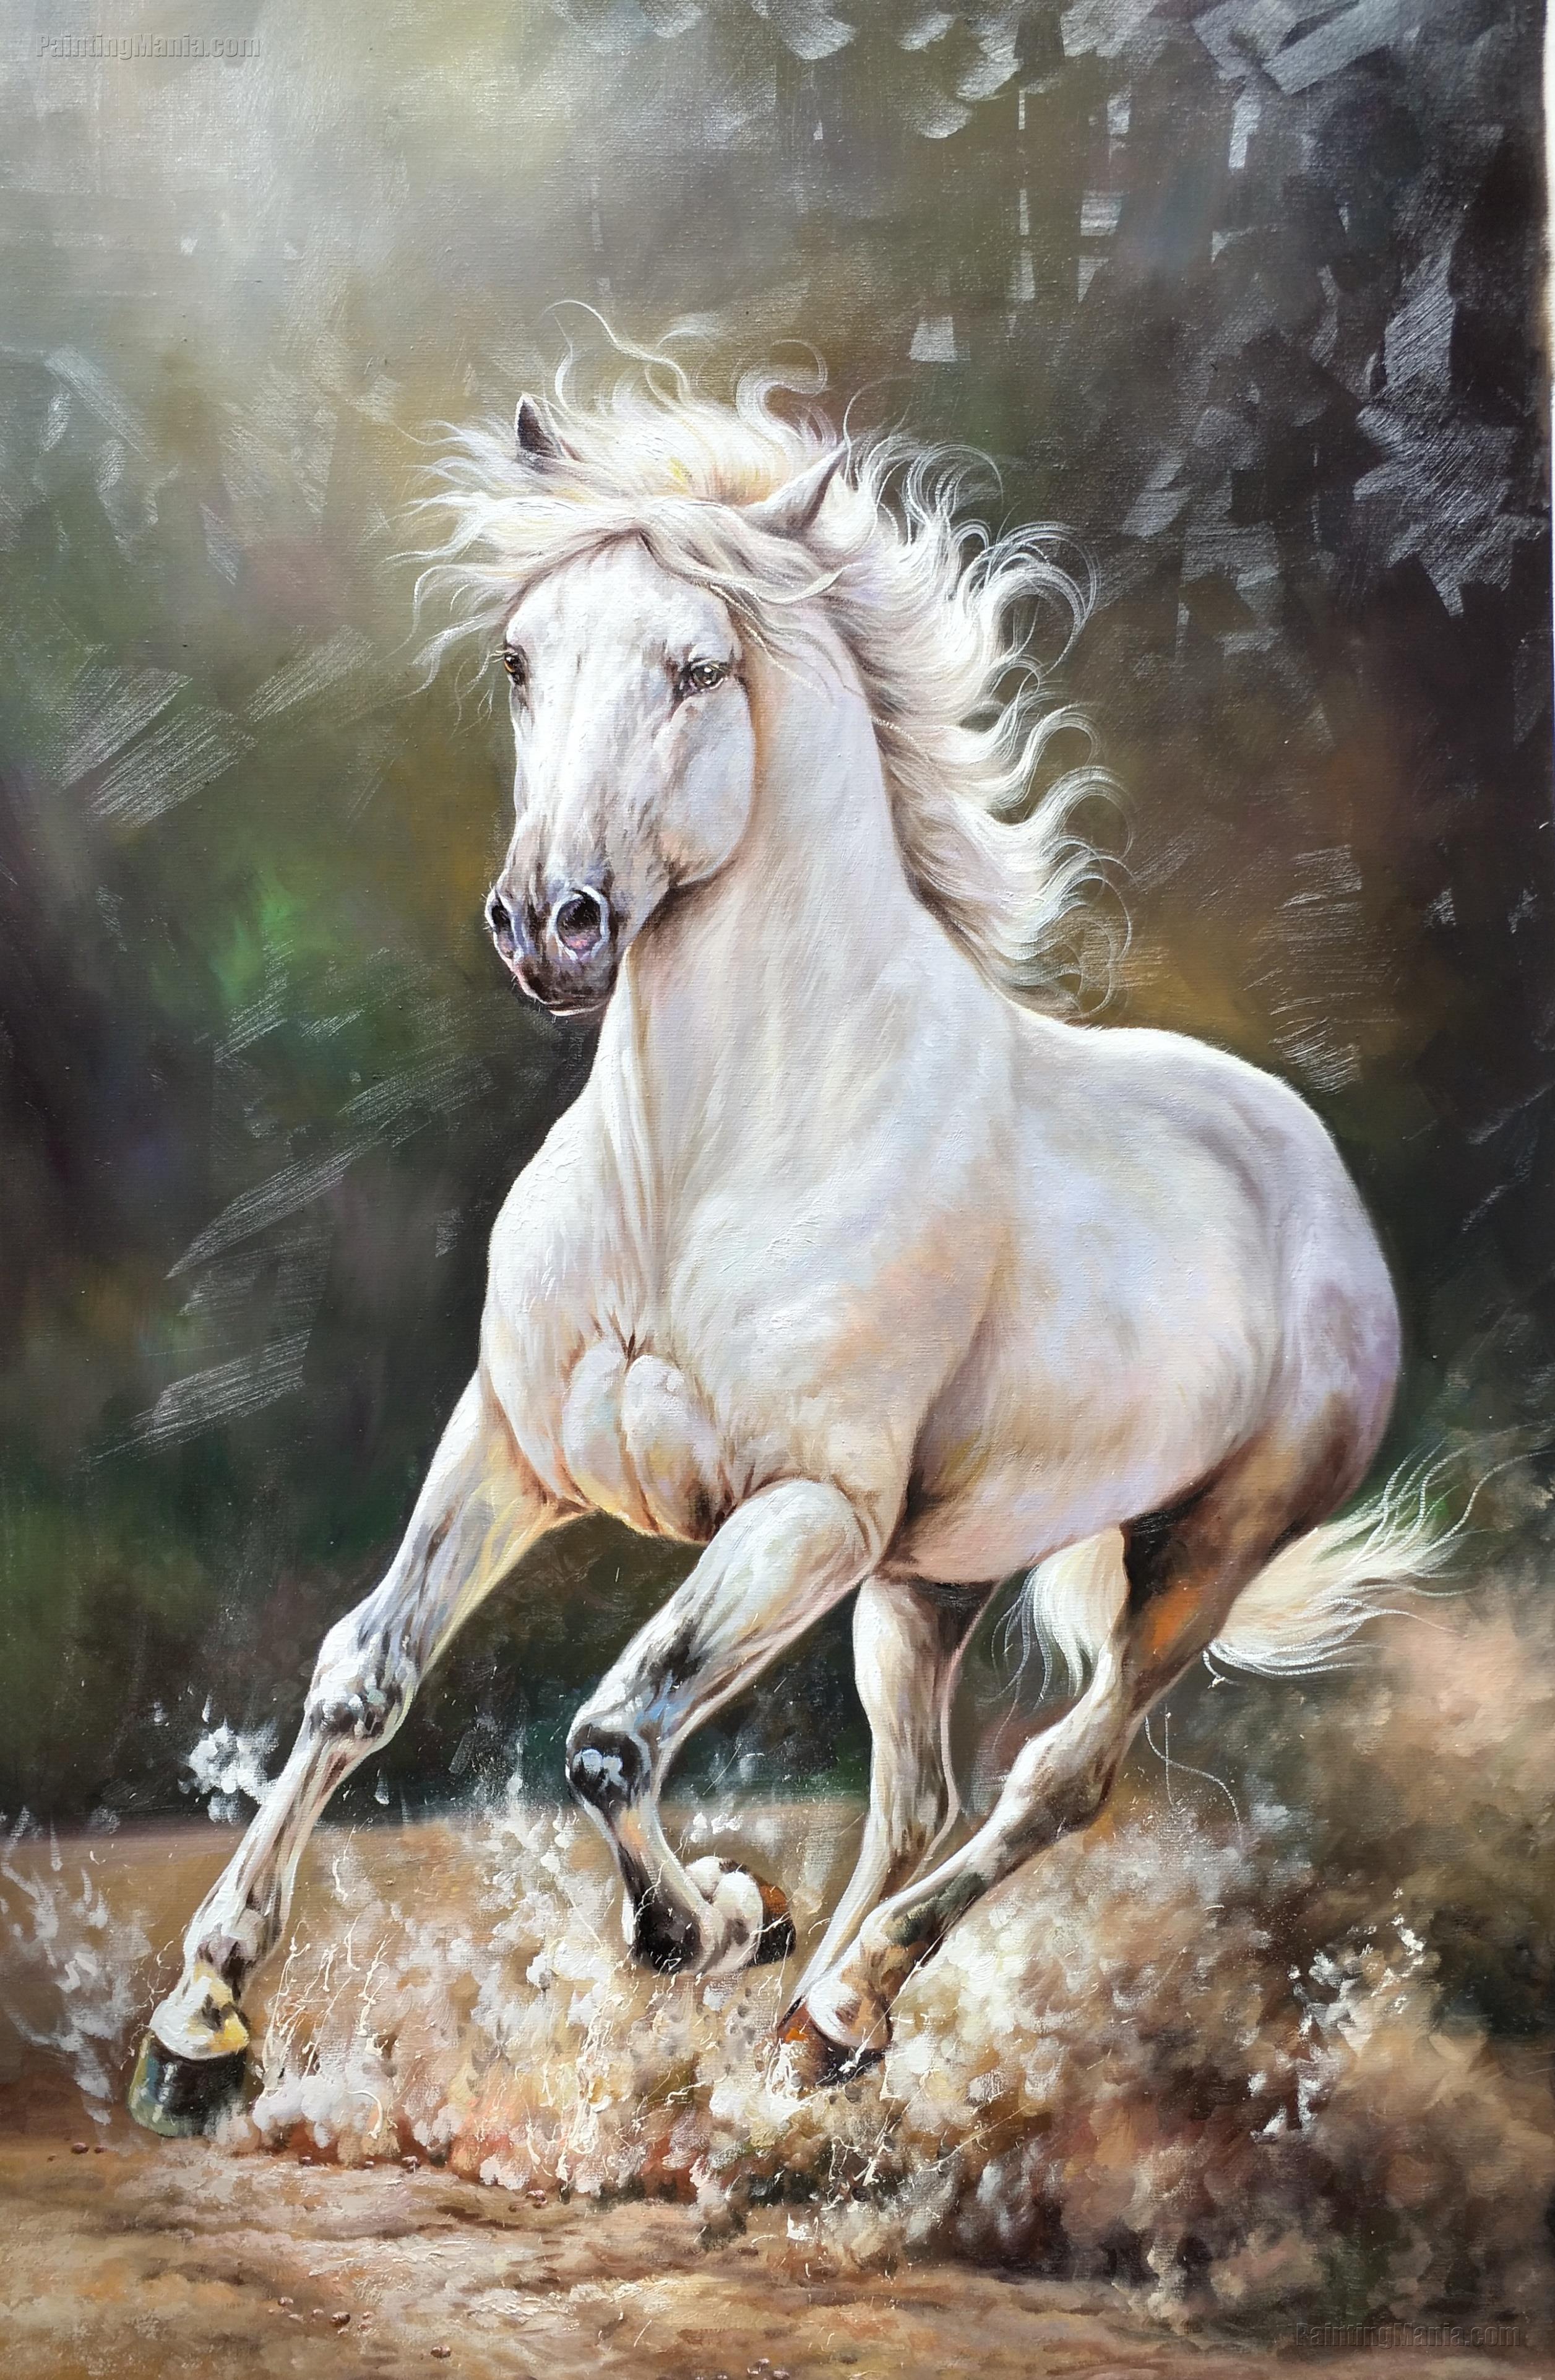 The White Horse Running Dust